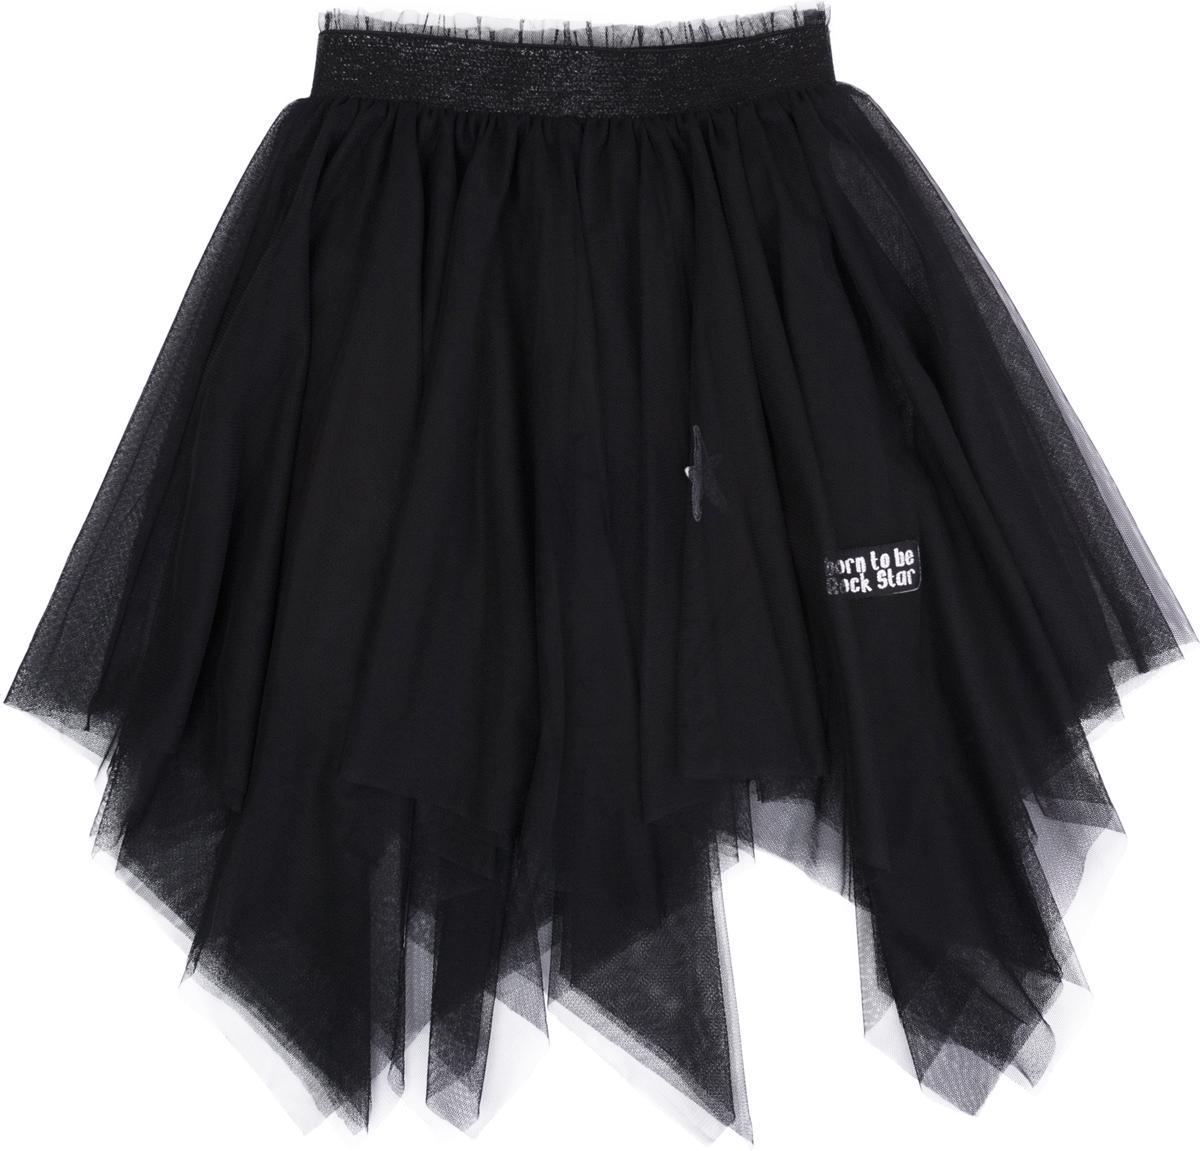 Юбка для девочки PlayToday, цвет: черный. 182012. Размер 122182012Пышная многослойная юбка. Нижяя - из натурального хлопка. Верхняя - из легкой сетчатой ткани. В качестве декора использованы аппликации. Пояс на широкой резинке с люрексом.